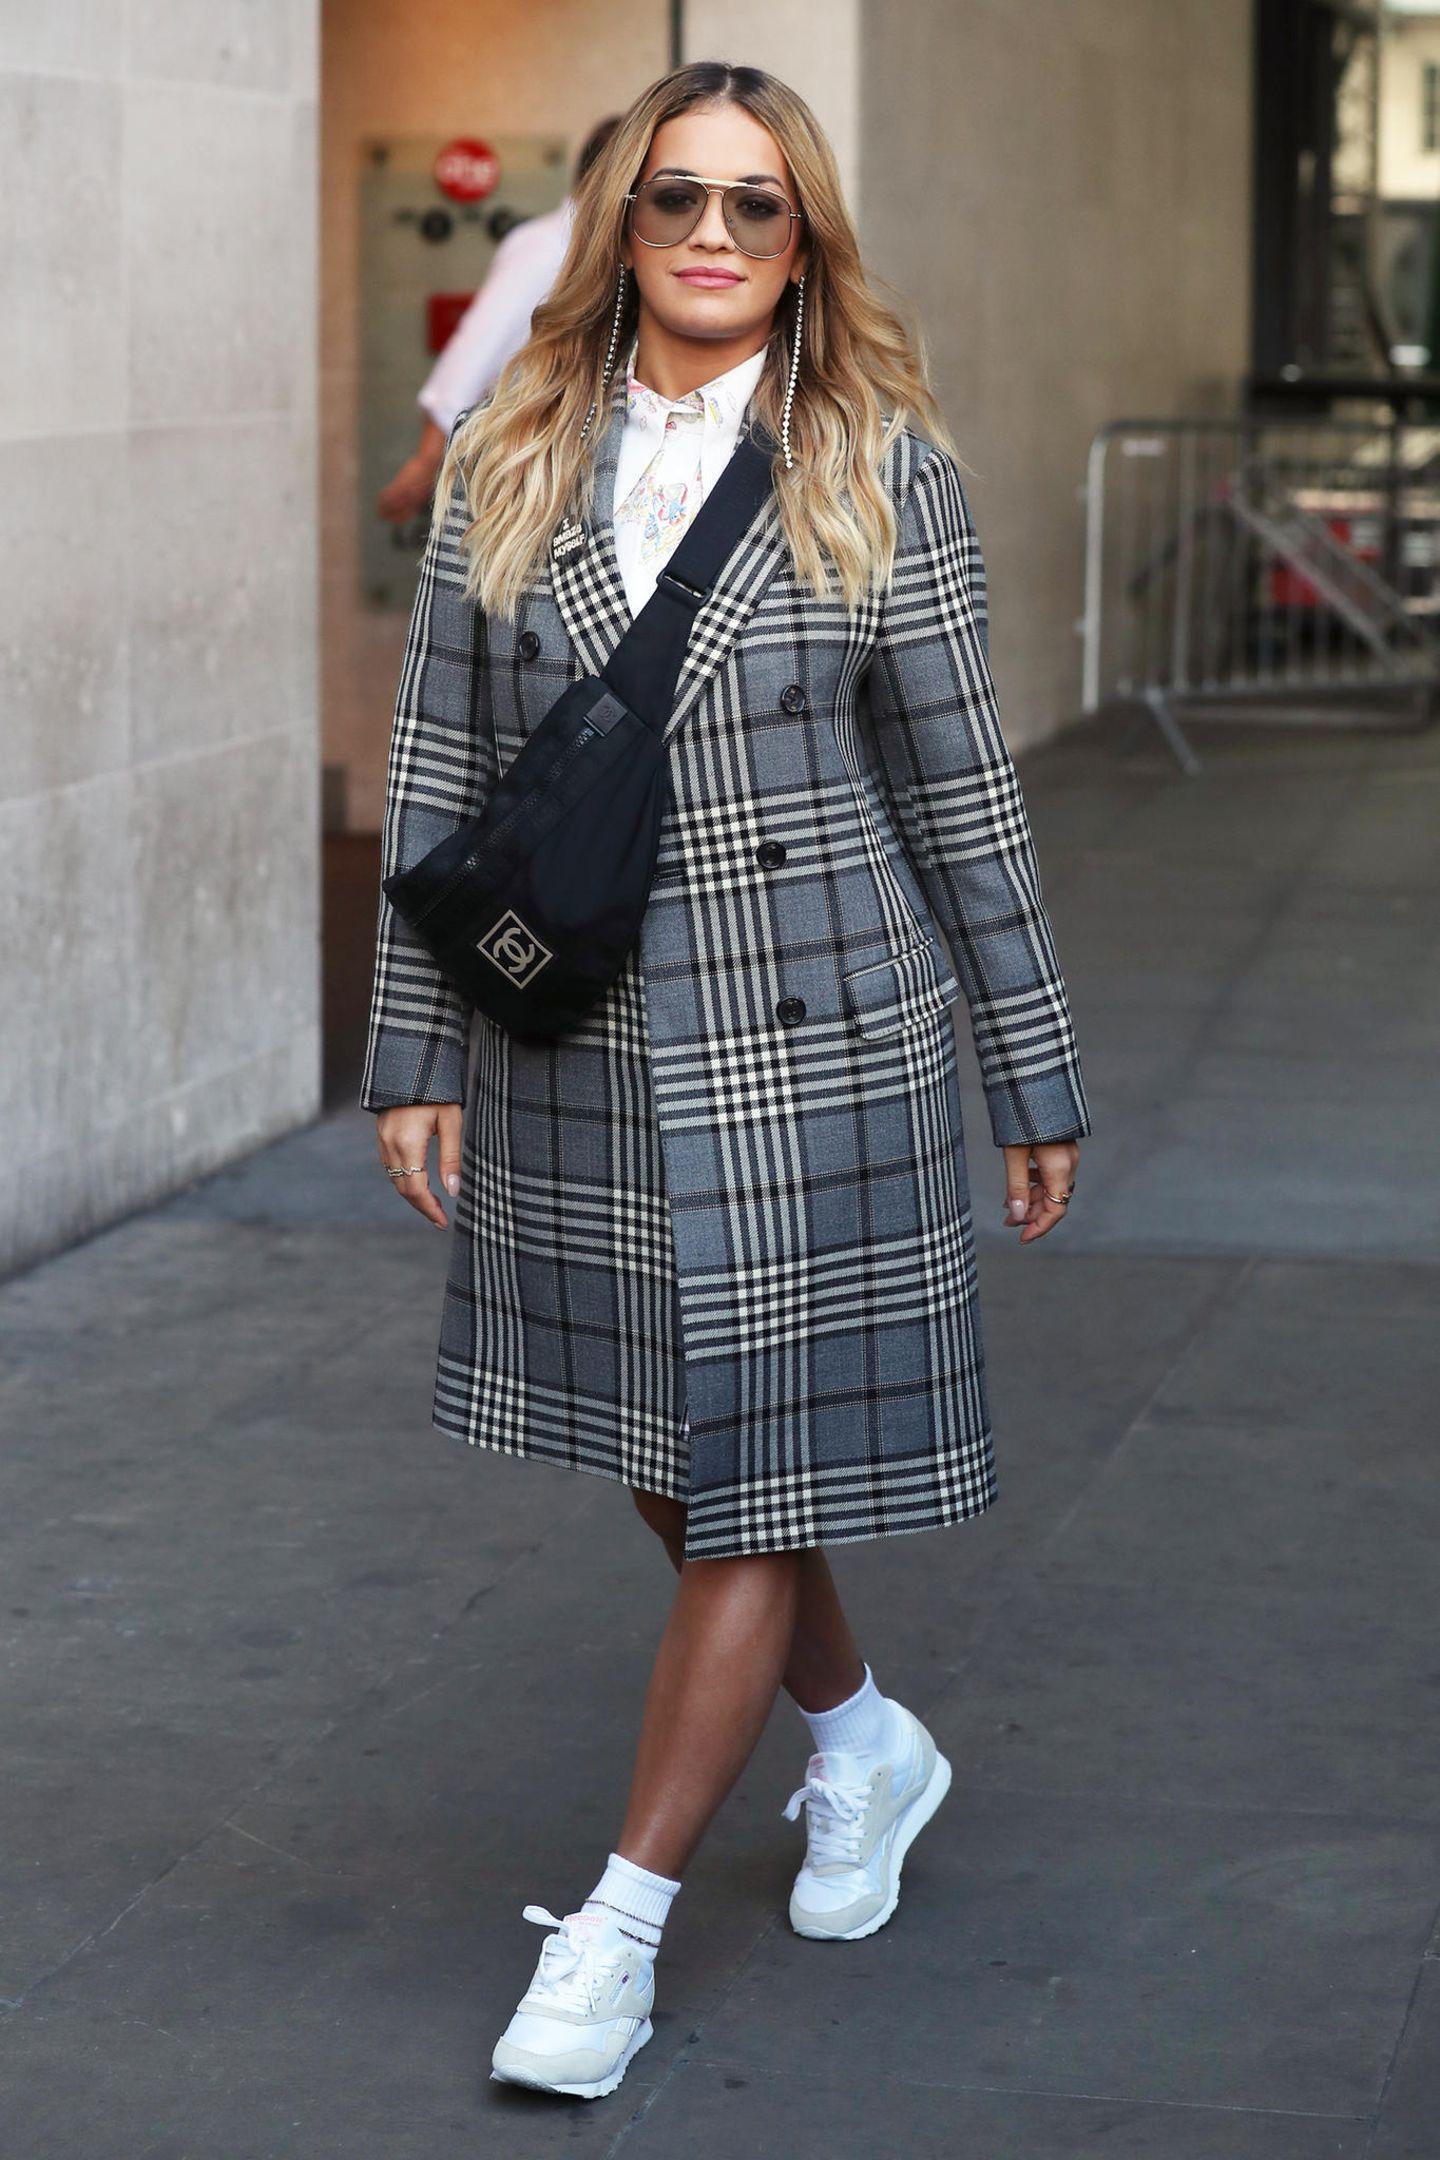 """Rita Ora ist nicht der einzige Star, der aktuell mit diesem karierten Oversize-Doppelreiher von """"Fay"""" unterwegs ist. Auch in Hollywood scheint dieses Modell sehr beliebt zu sein..."""